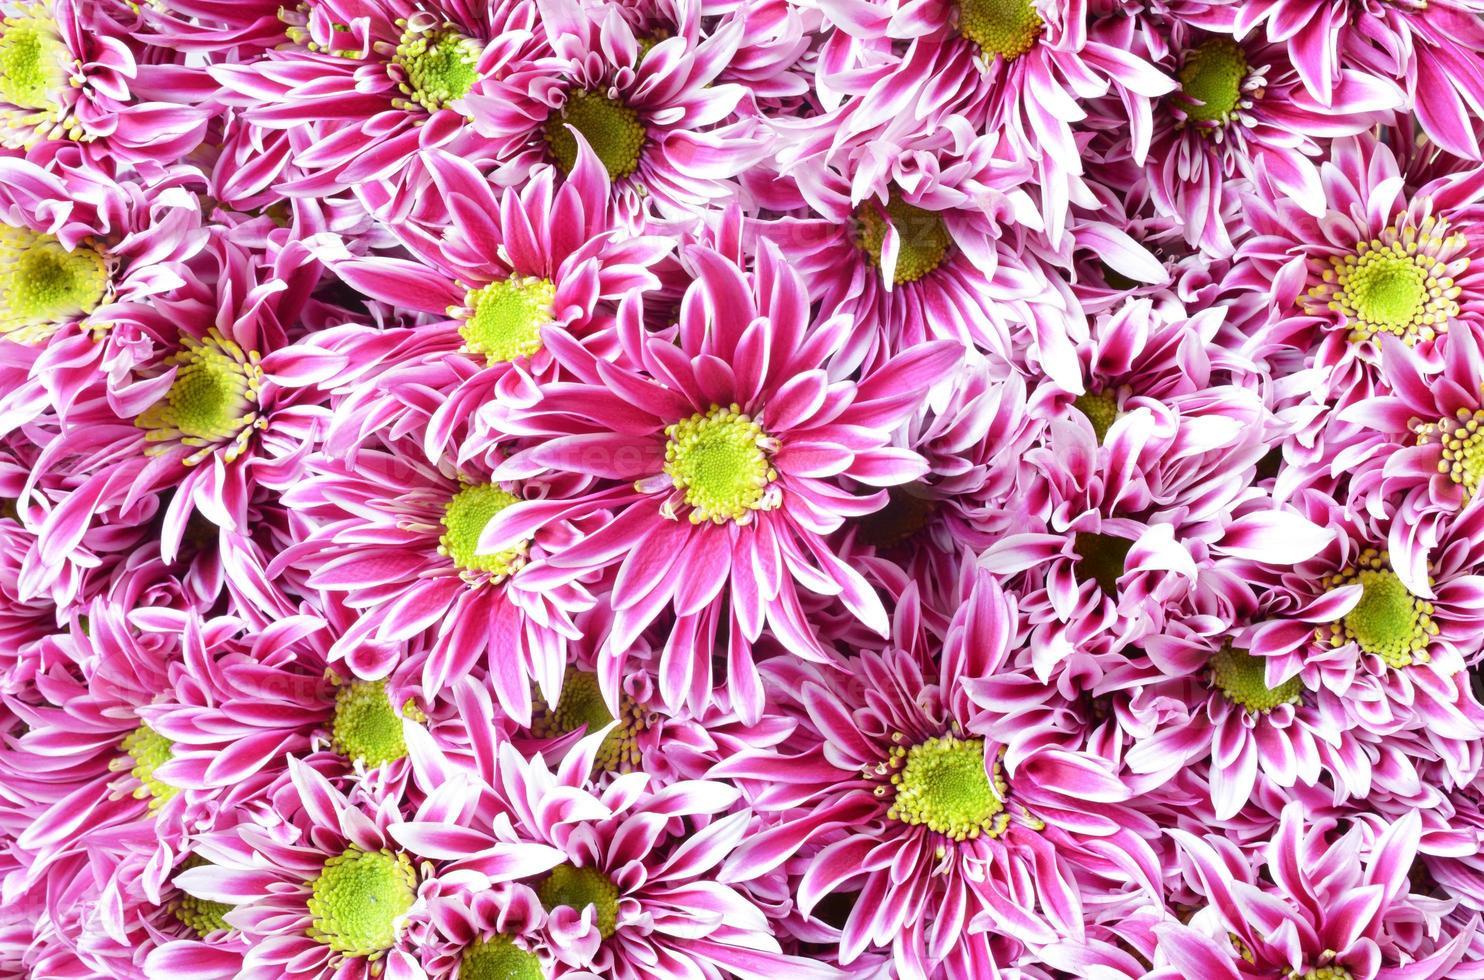 fleur rose avec de longs pétales minces et un centre jaune. photo